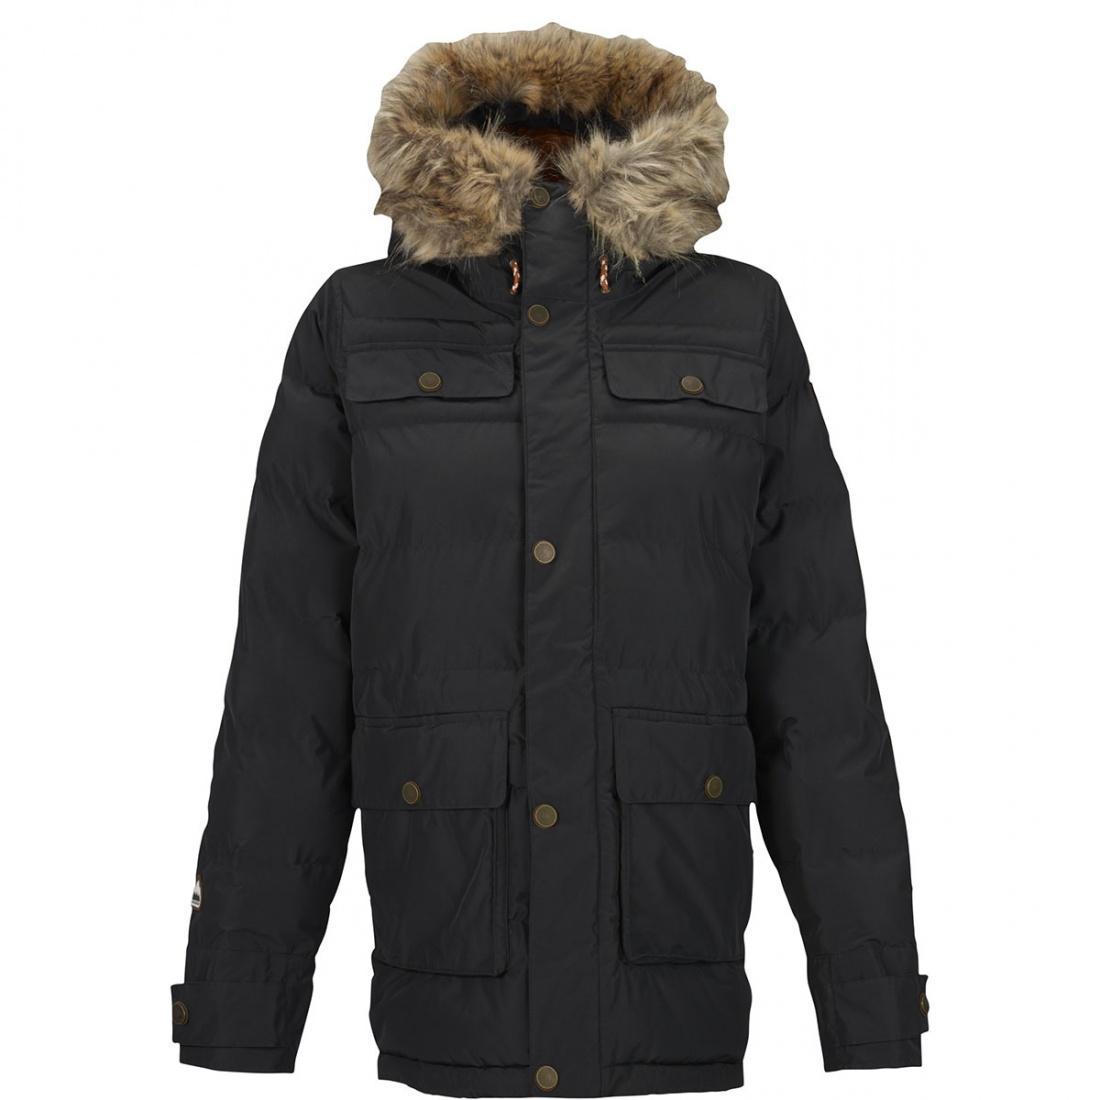 Куртка г/л WB ESSEX PUFFY JKКуртки<br>Удобная мужская куртка<br><br>Мембрана: 10,000mm/ 10,000 g<br>Двухслойный водоотталкивающий материал DRYRIDE Durashell™<br>Утеплитель: bluesign® THERMOLITE® <br>Дышащая подкладка Living Lining™<br>Стандартный крой&lt;...<br><br>Цвет: Черный<br>Размер: XS